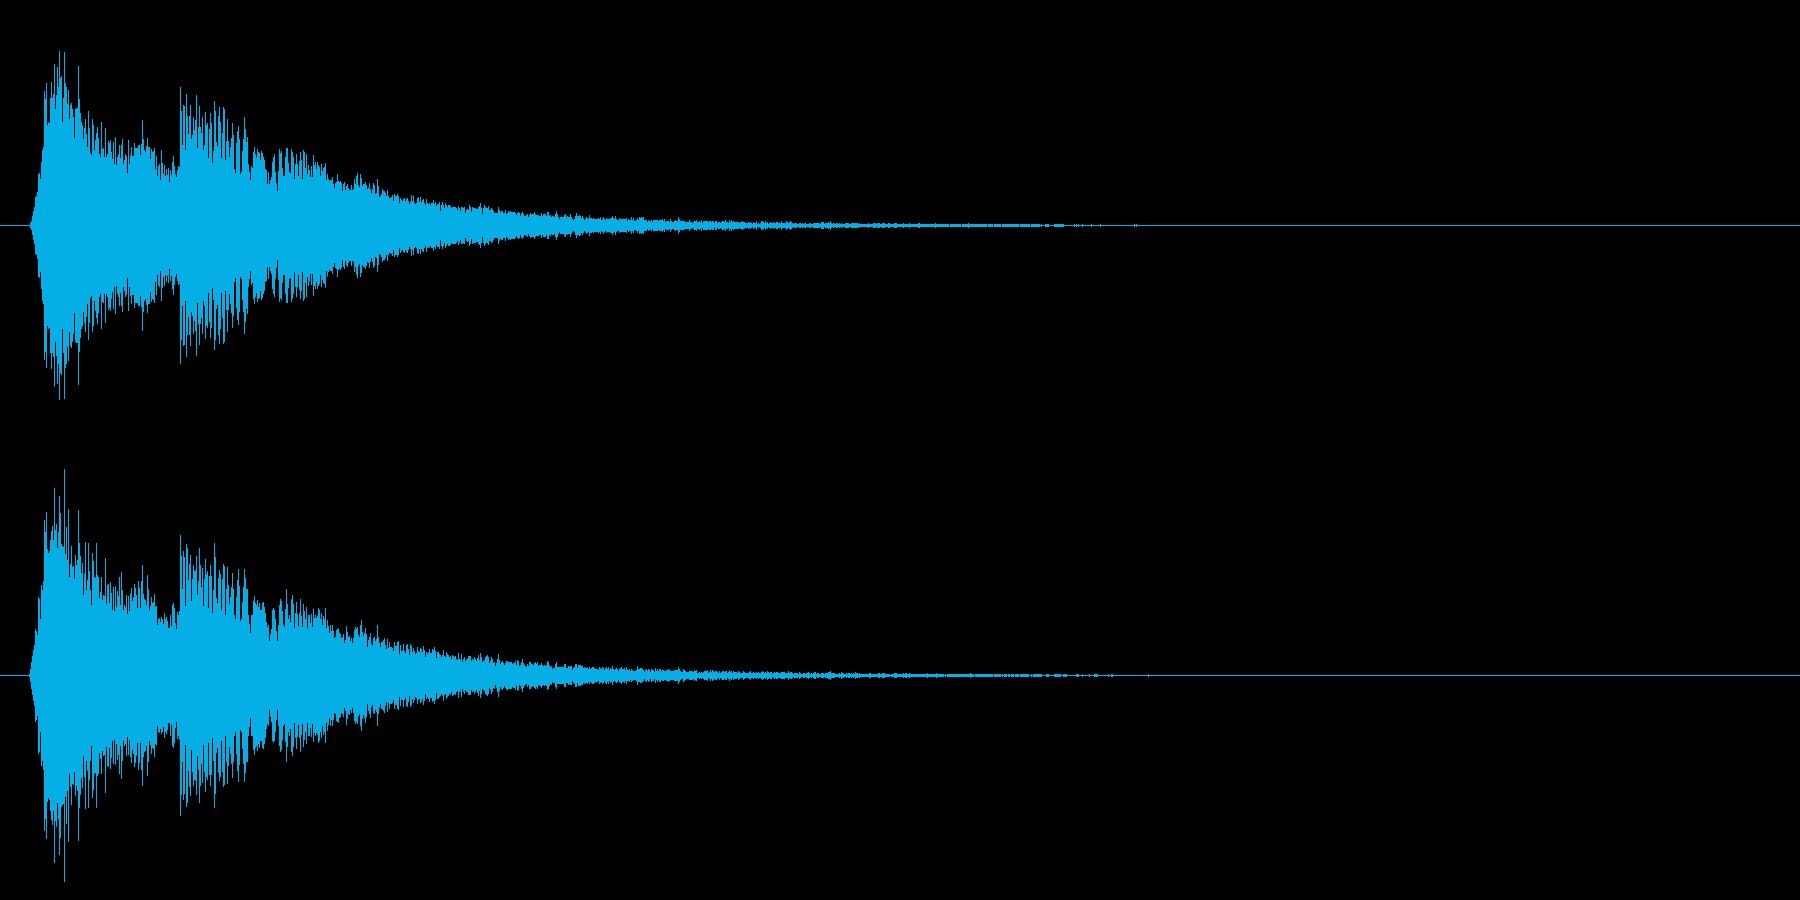 タッチ音/キラキラ/回復の再生済みの波形